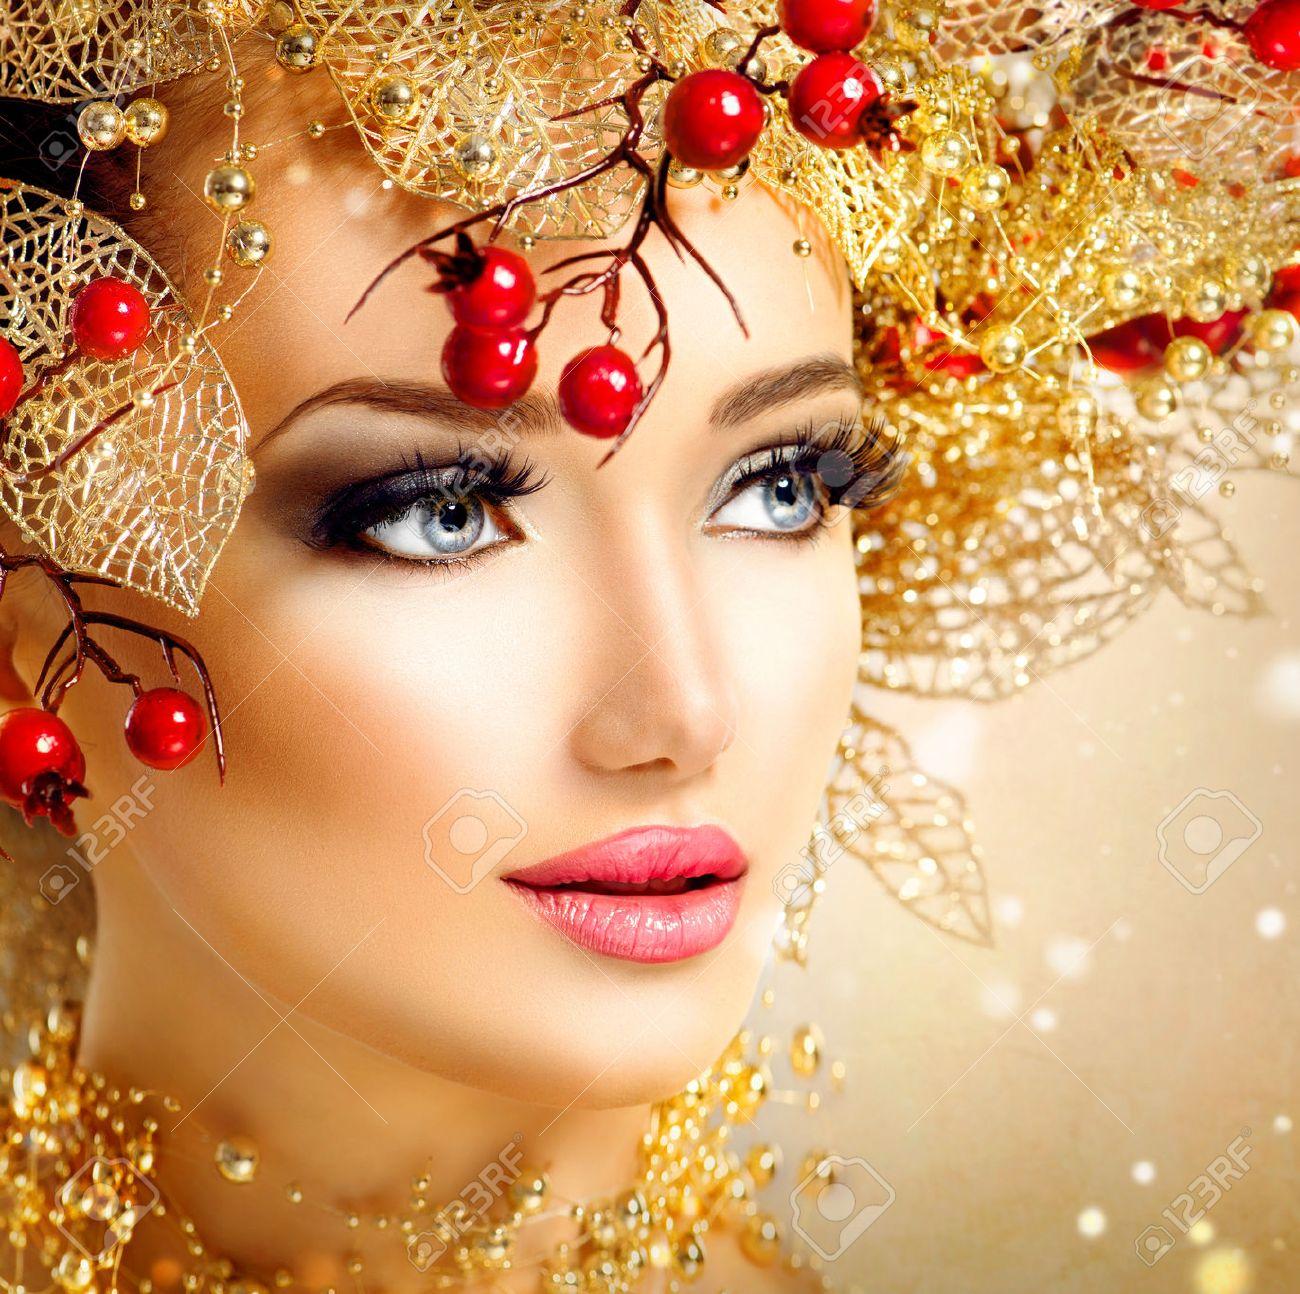 33708772-No-l-mannequin-fille-avec-coiffure-et-maquillage-d-or-Banque-d'images